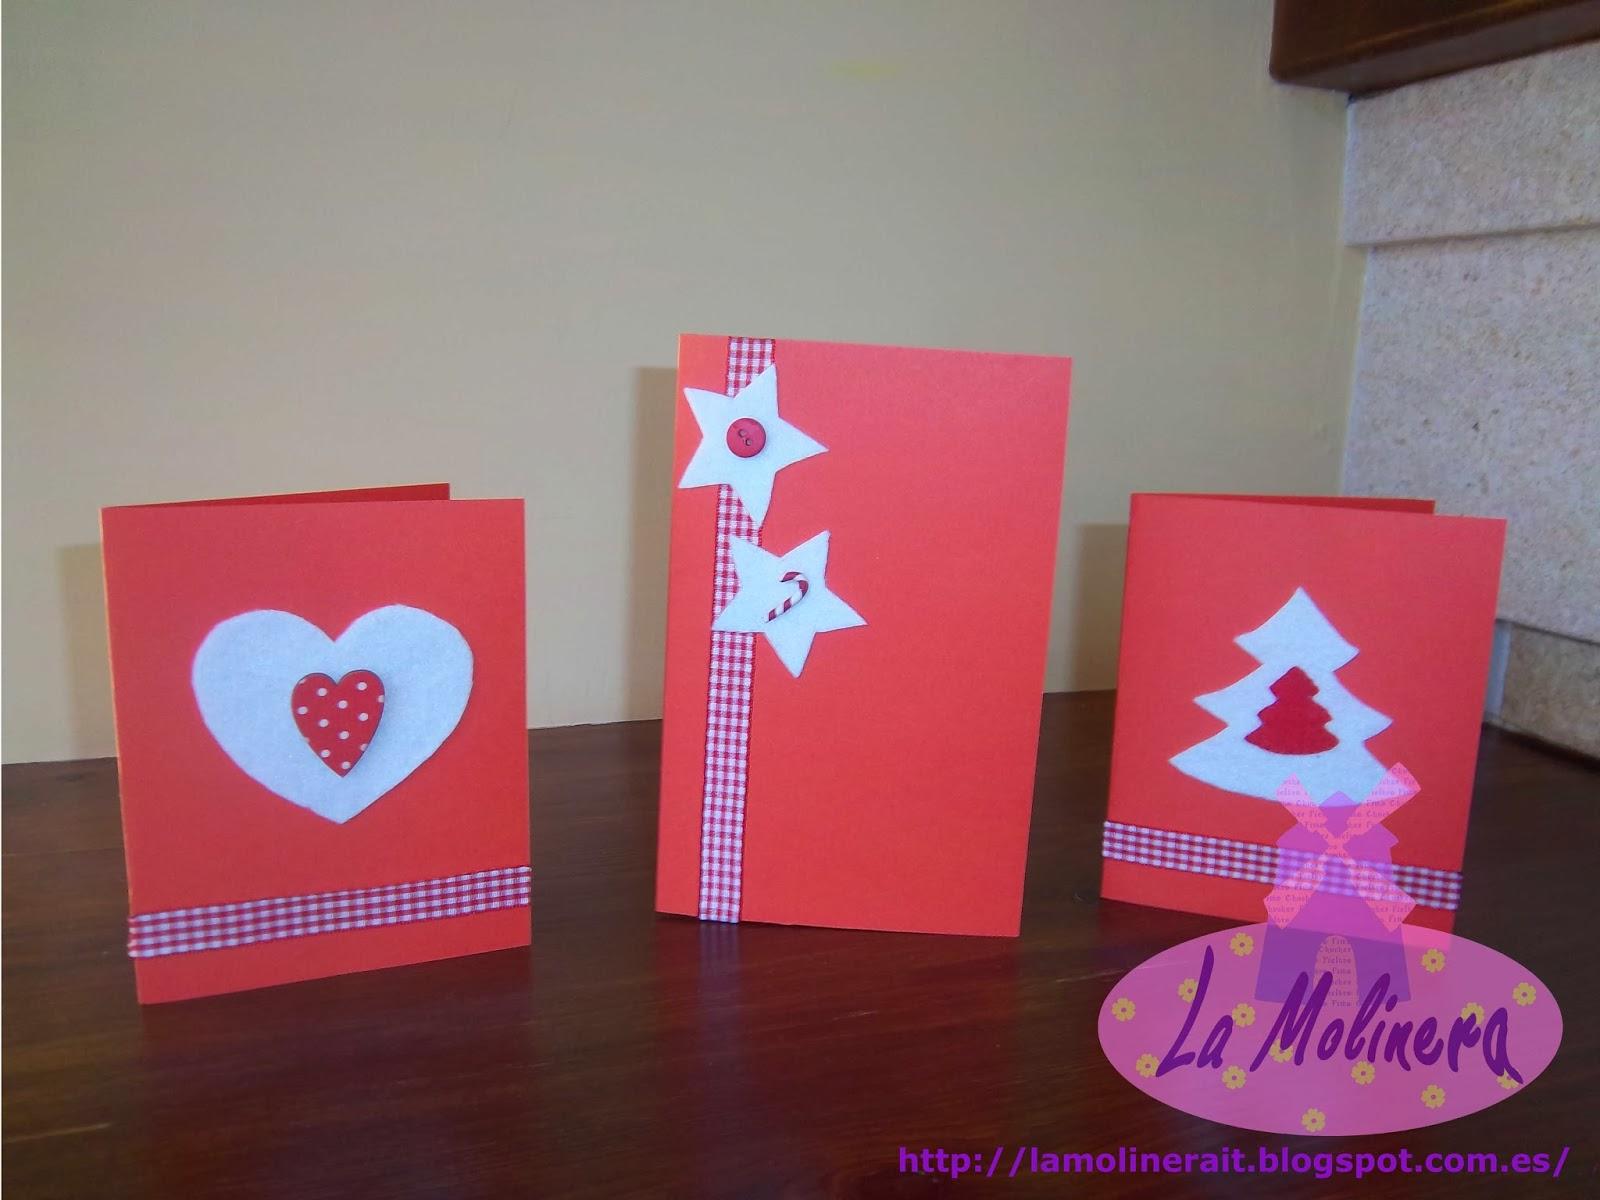 Amato La Molinera: Biglietti di auguri natalizi HU43